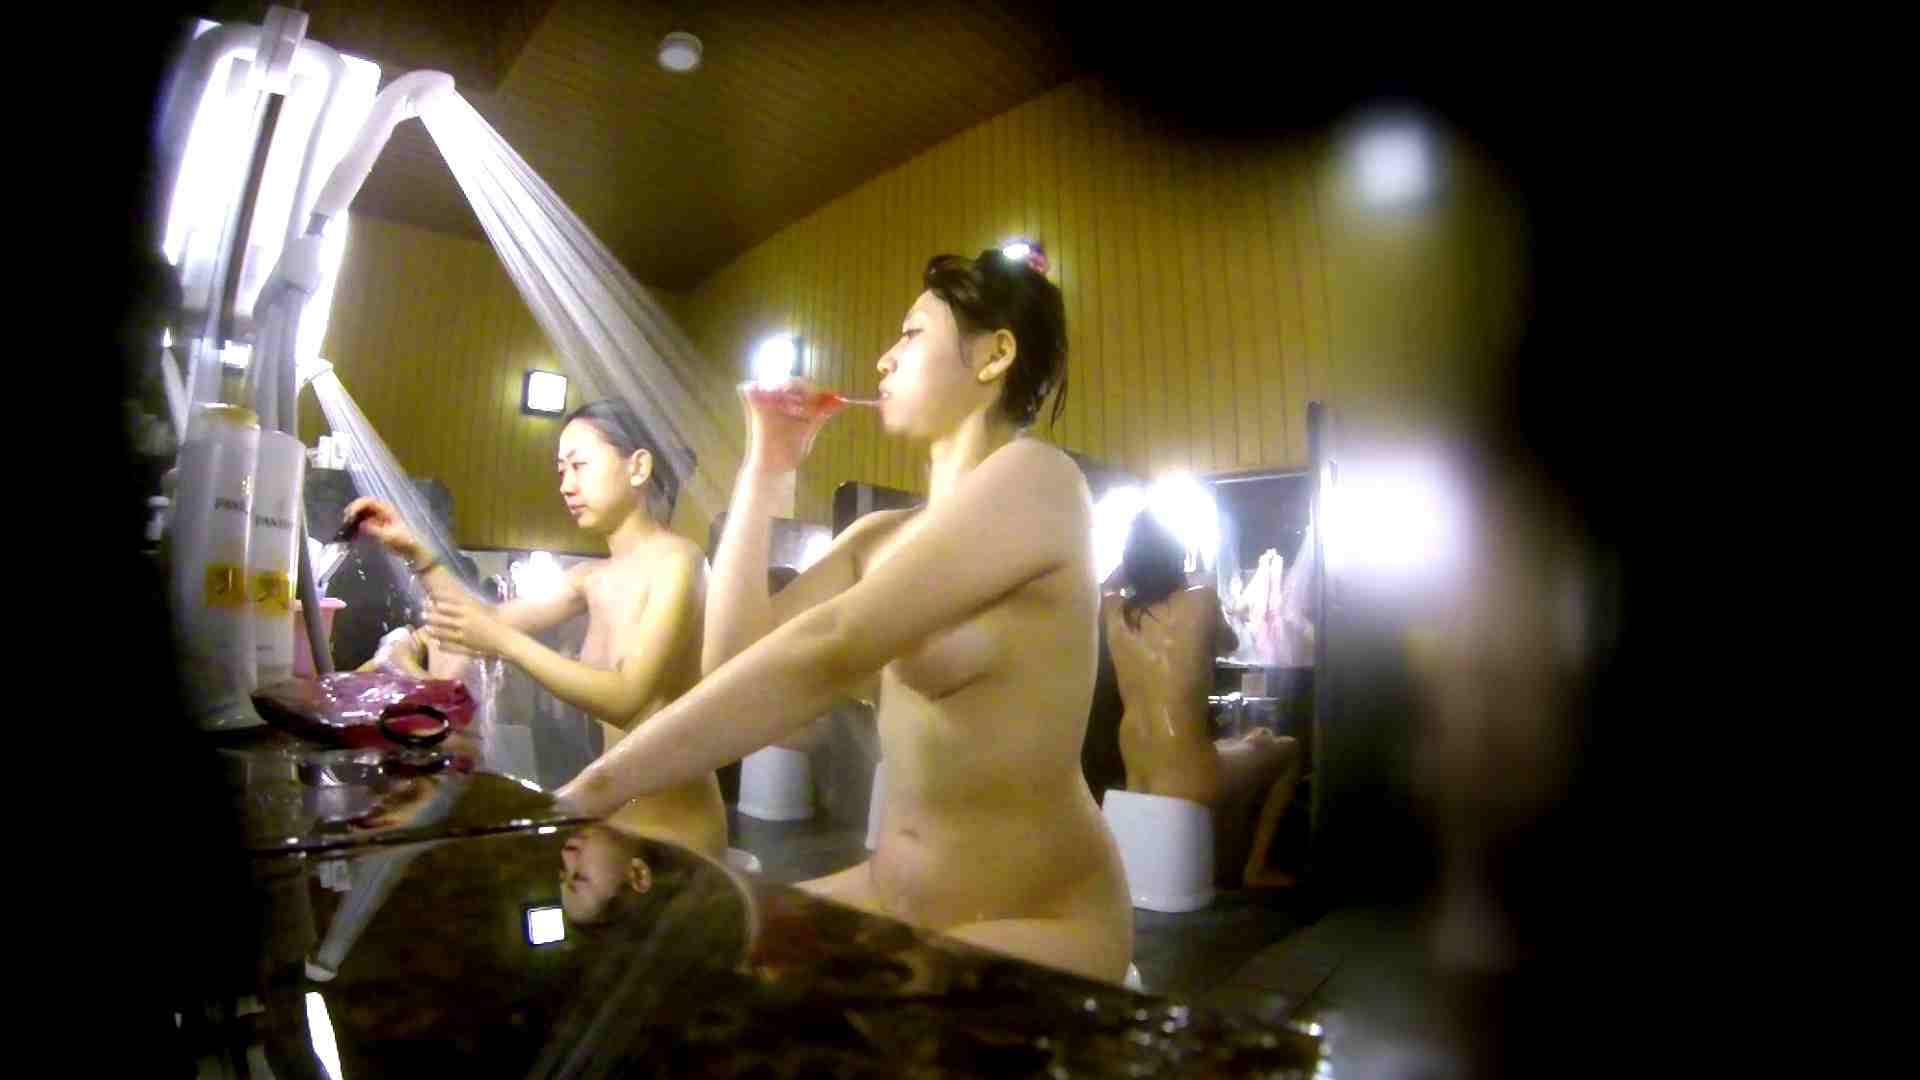 洗い場!柔らかそうな身体は良いけど、歯磨きが下品です。 垂れ乳 おめこ無修正画像 107画像 6